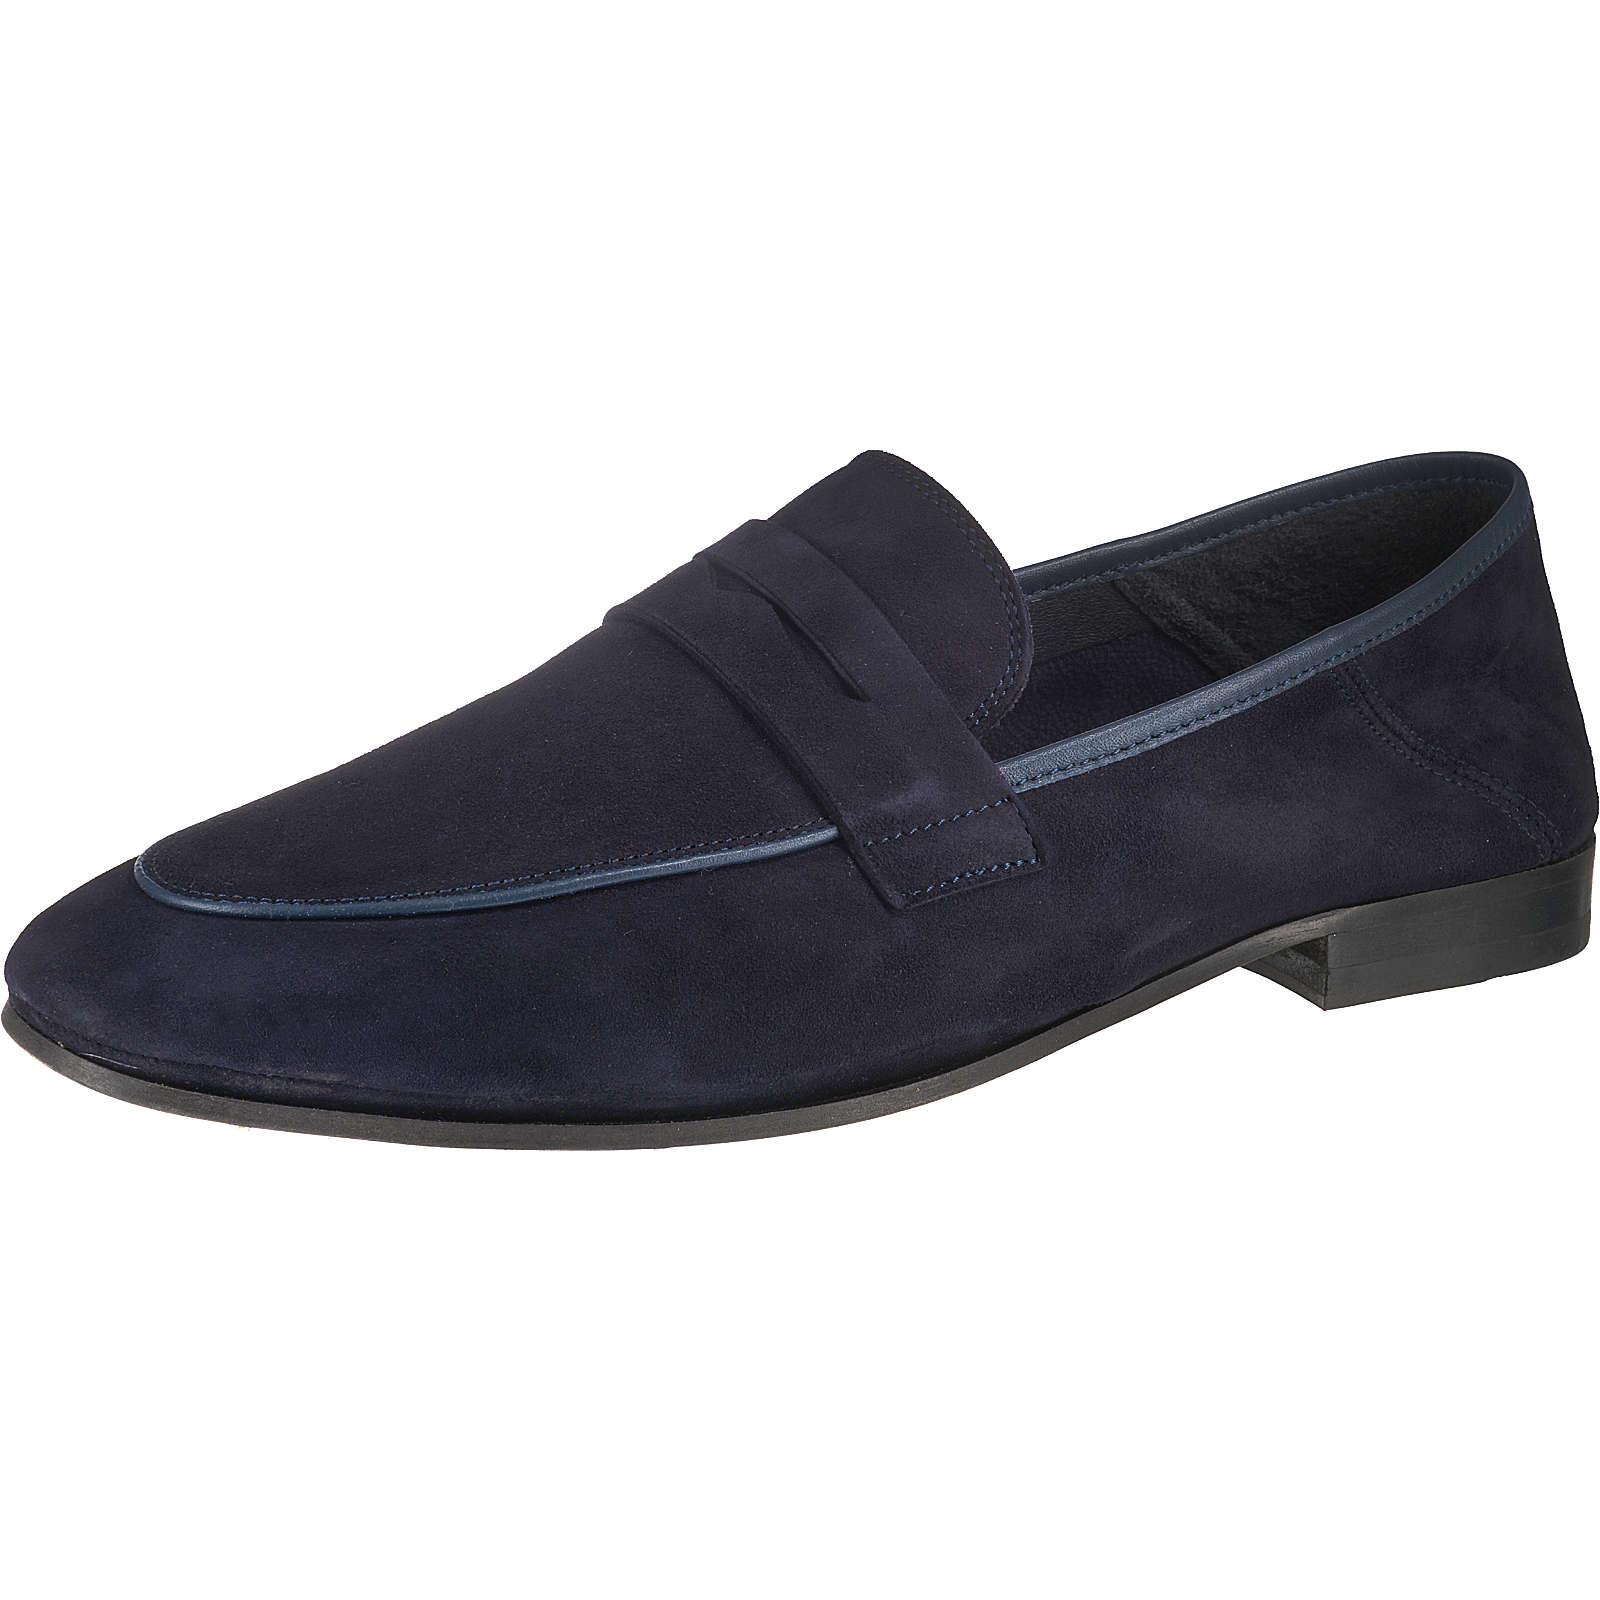 CINQUE 51819 Klassische Slipper dunkelblau Herren Gr. 45